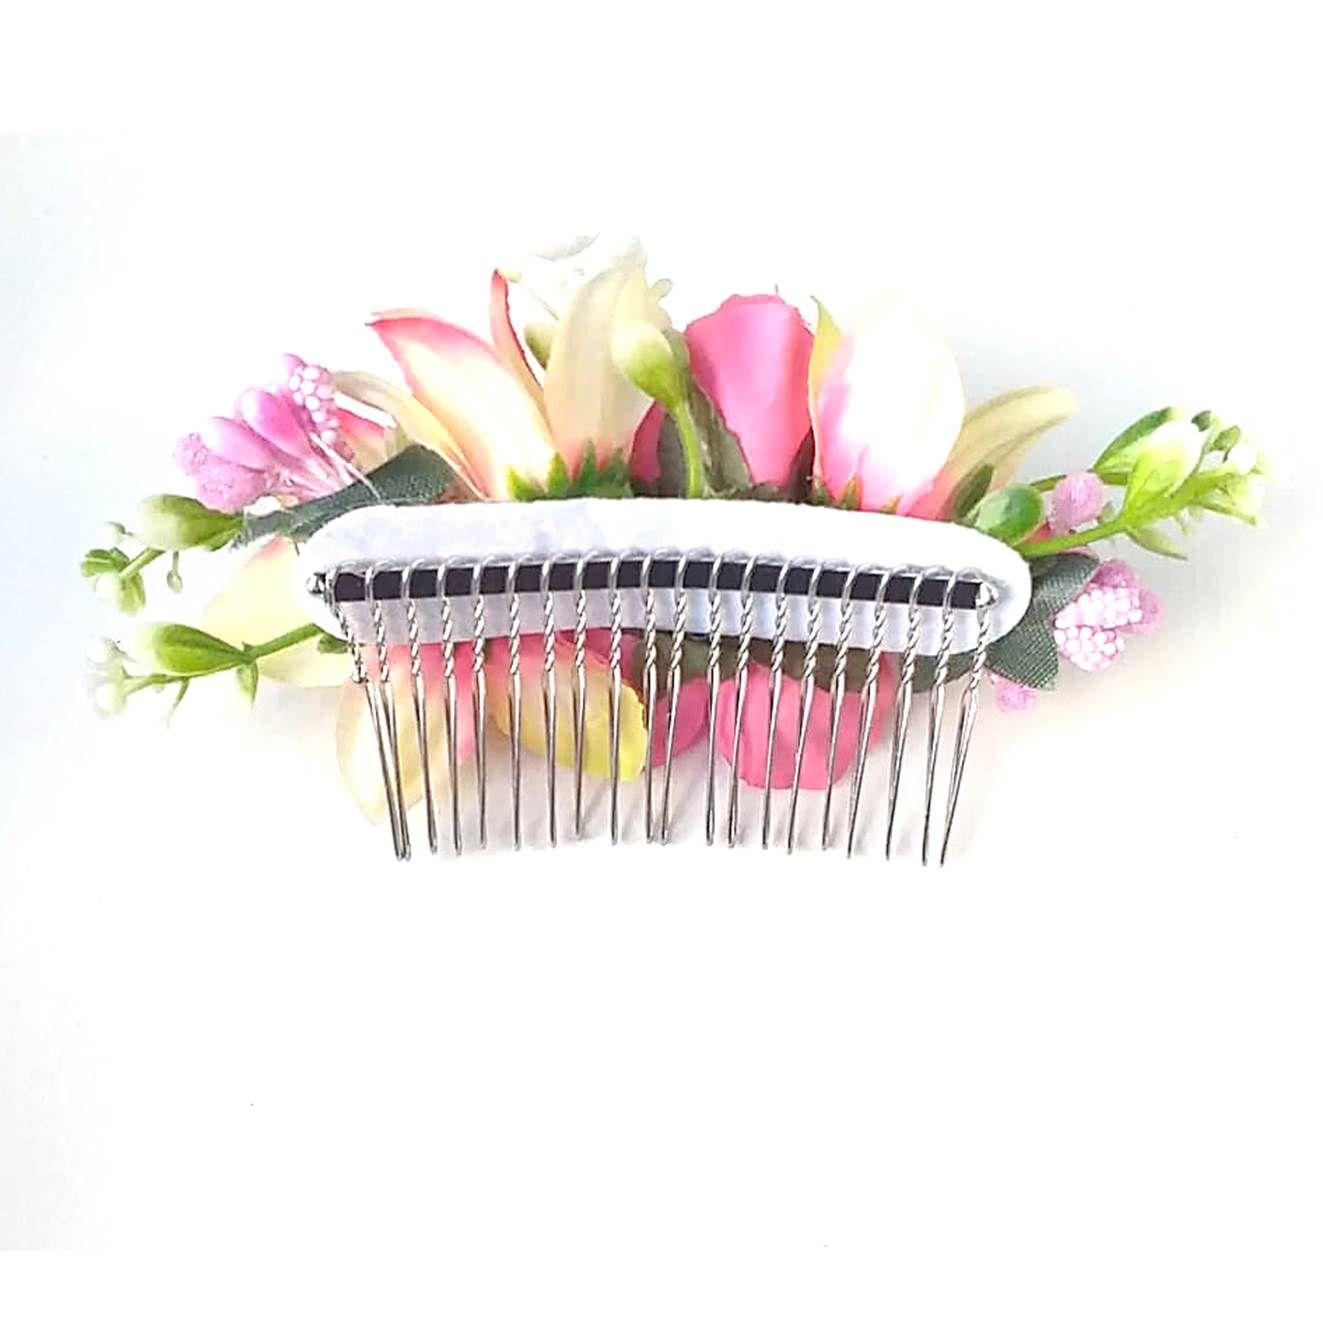 PEINECILLO metal flamenco com flores rosadas